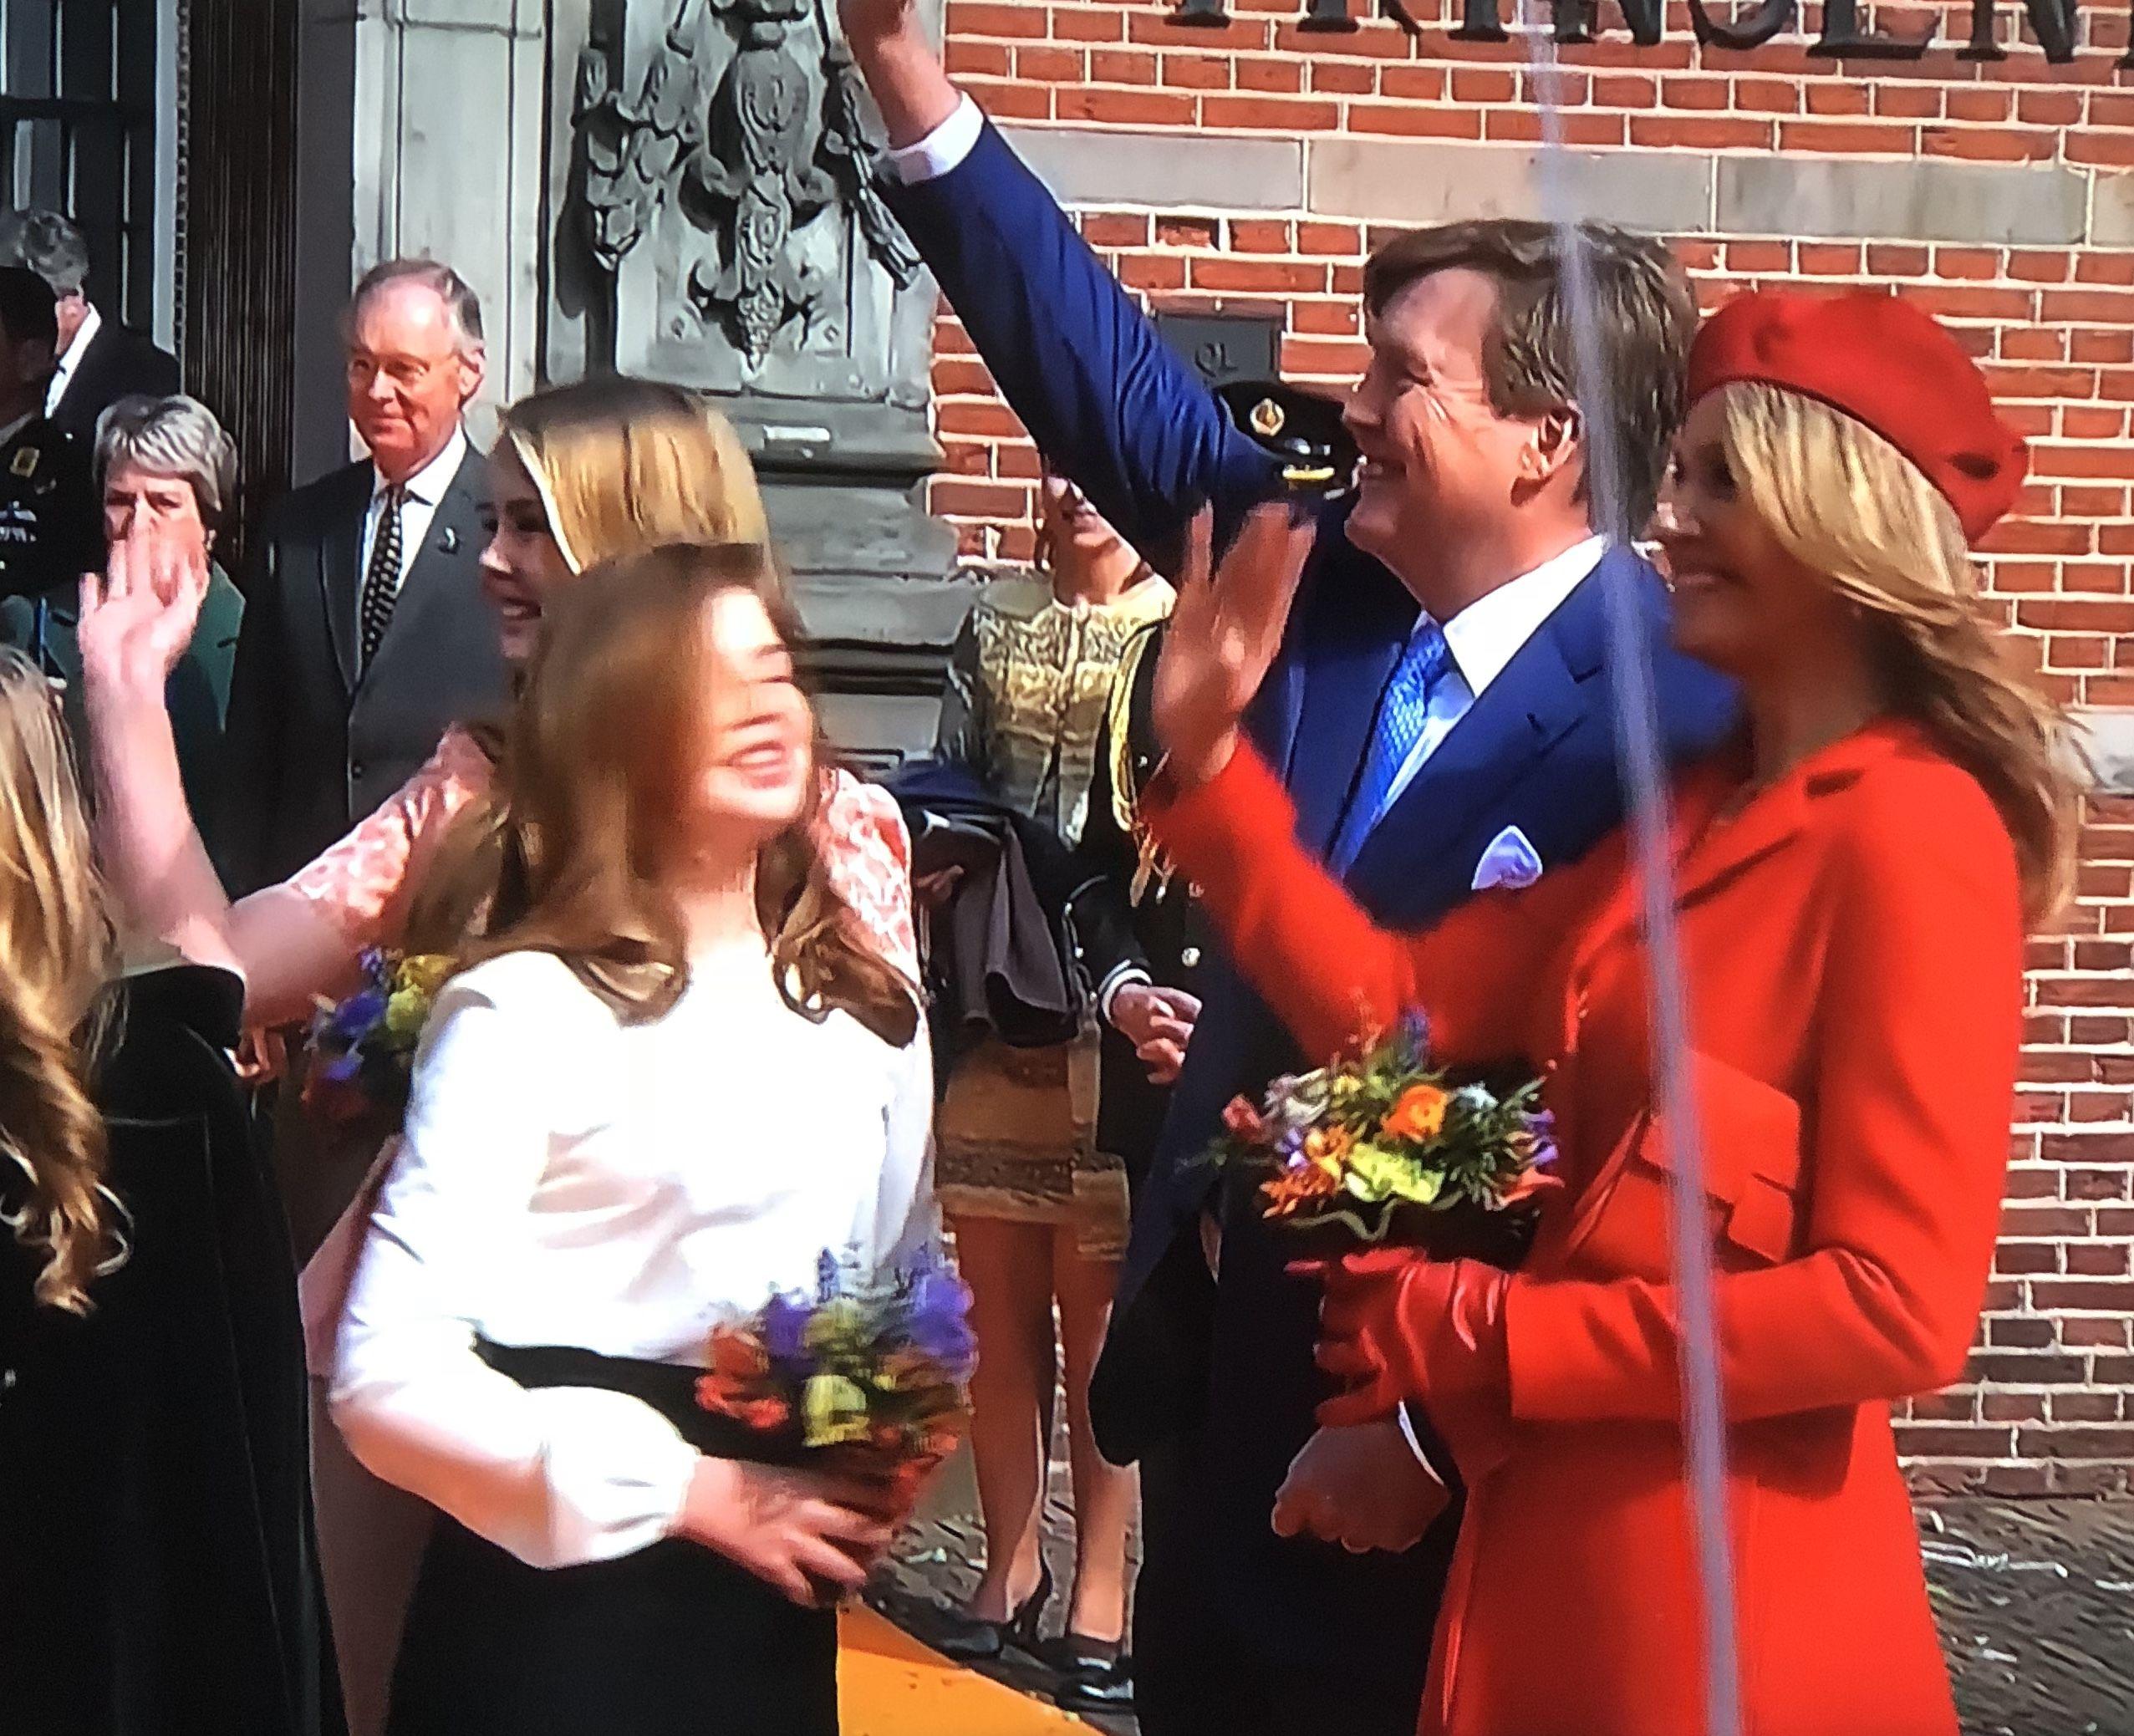 gefeliciteerd majesteit Gefeliciteerd majesteit   Koning Willem Alexander en familie met  gefeliciteerd majesteit